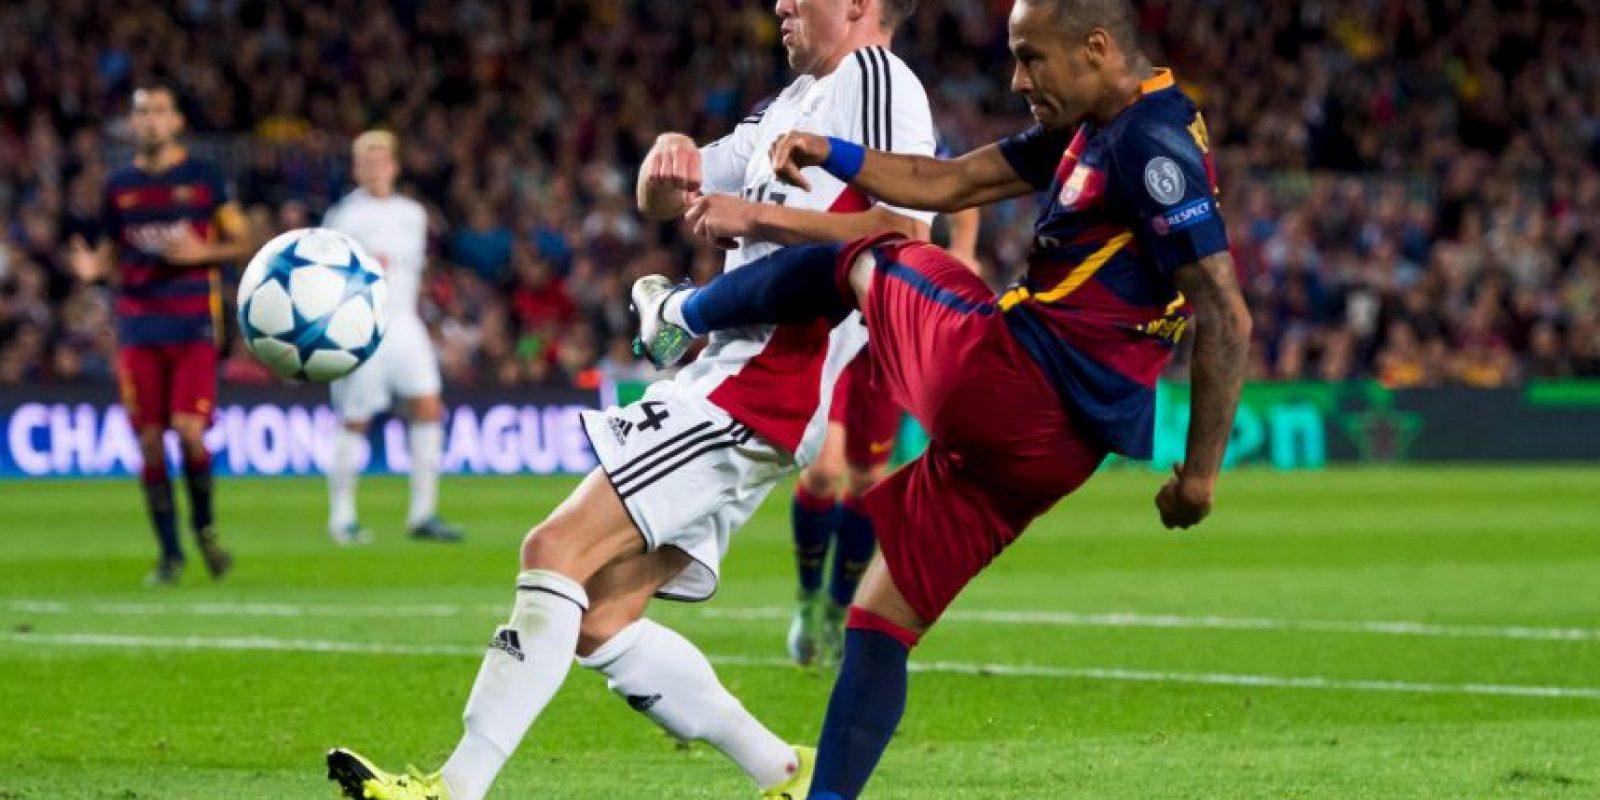 Barcelona no contará con Neymar, quien se lesionó de un abductor de la pierna izquierda Foto:Getty Images